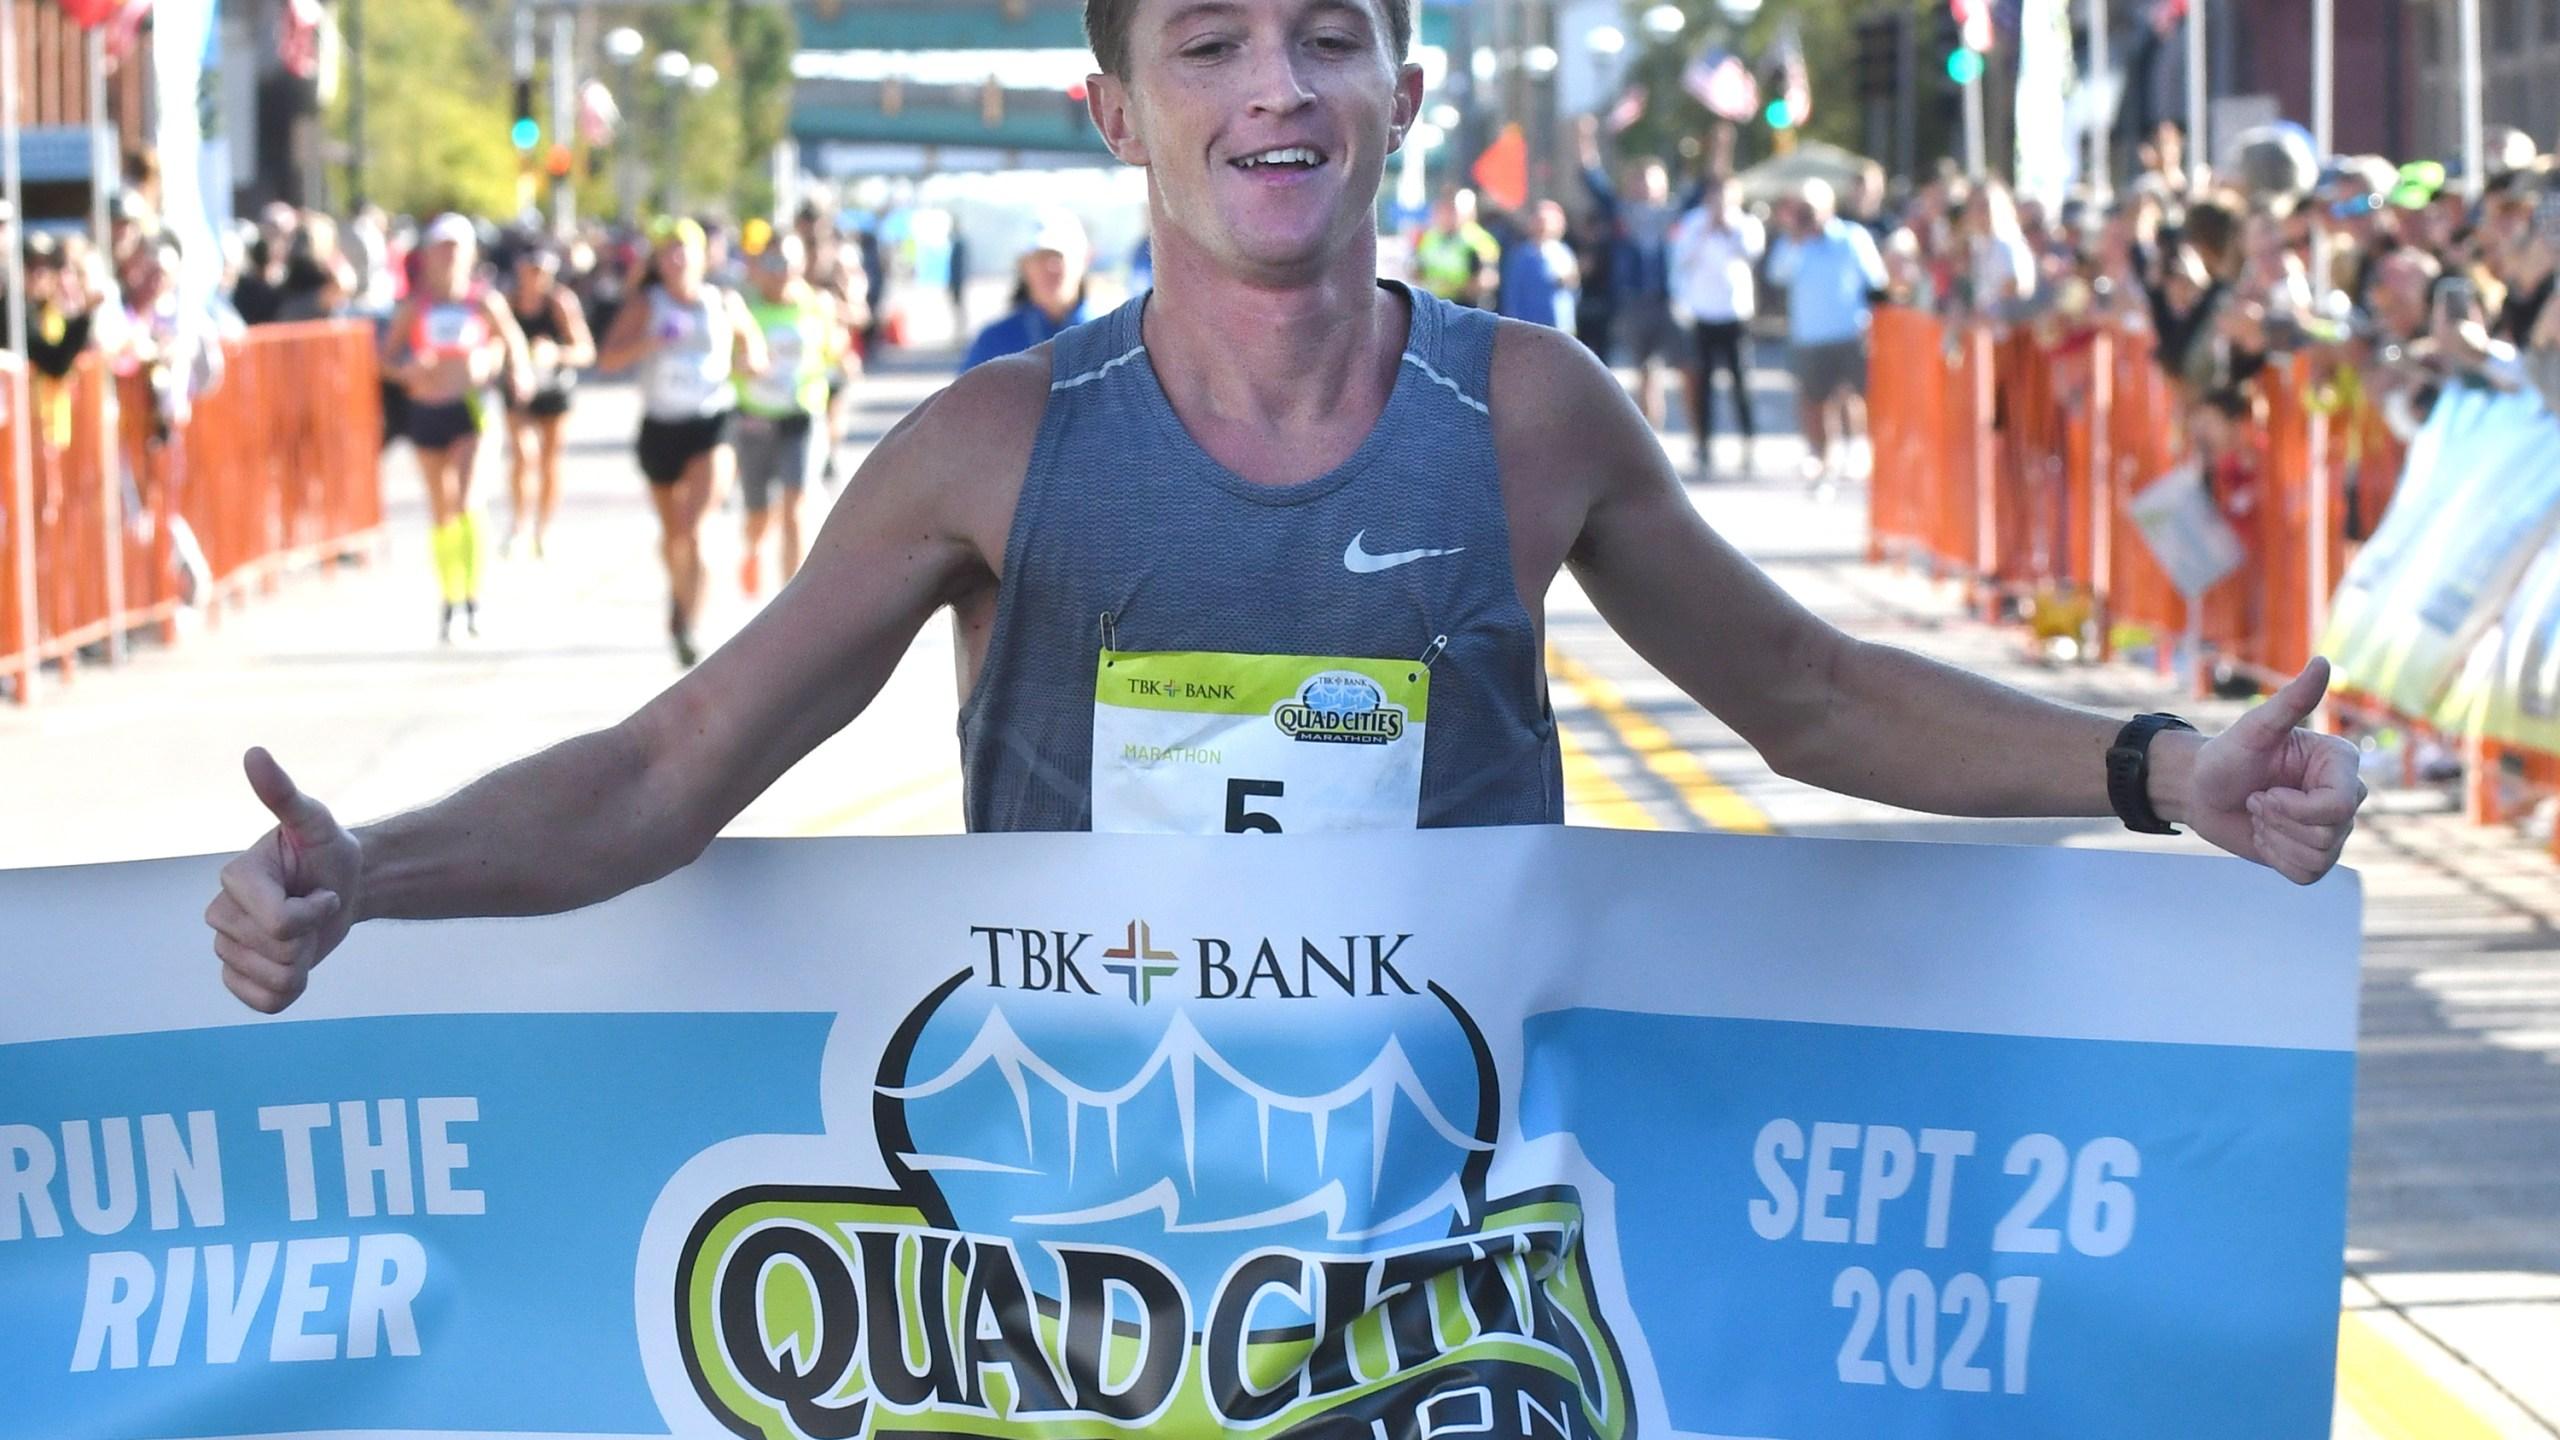 092621-qc-spt-qc marathon-0319